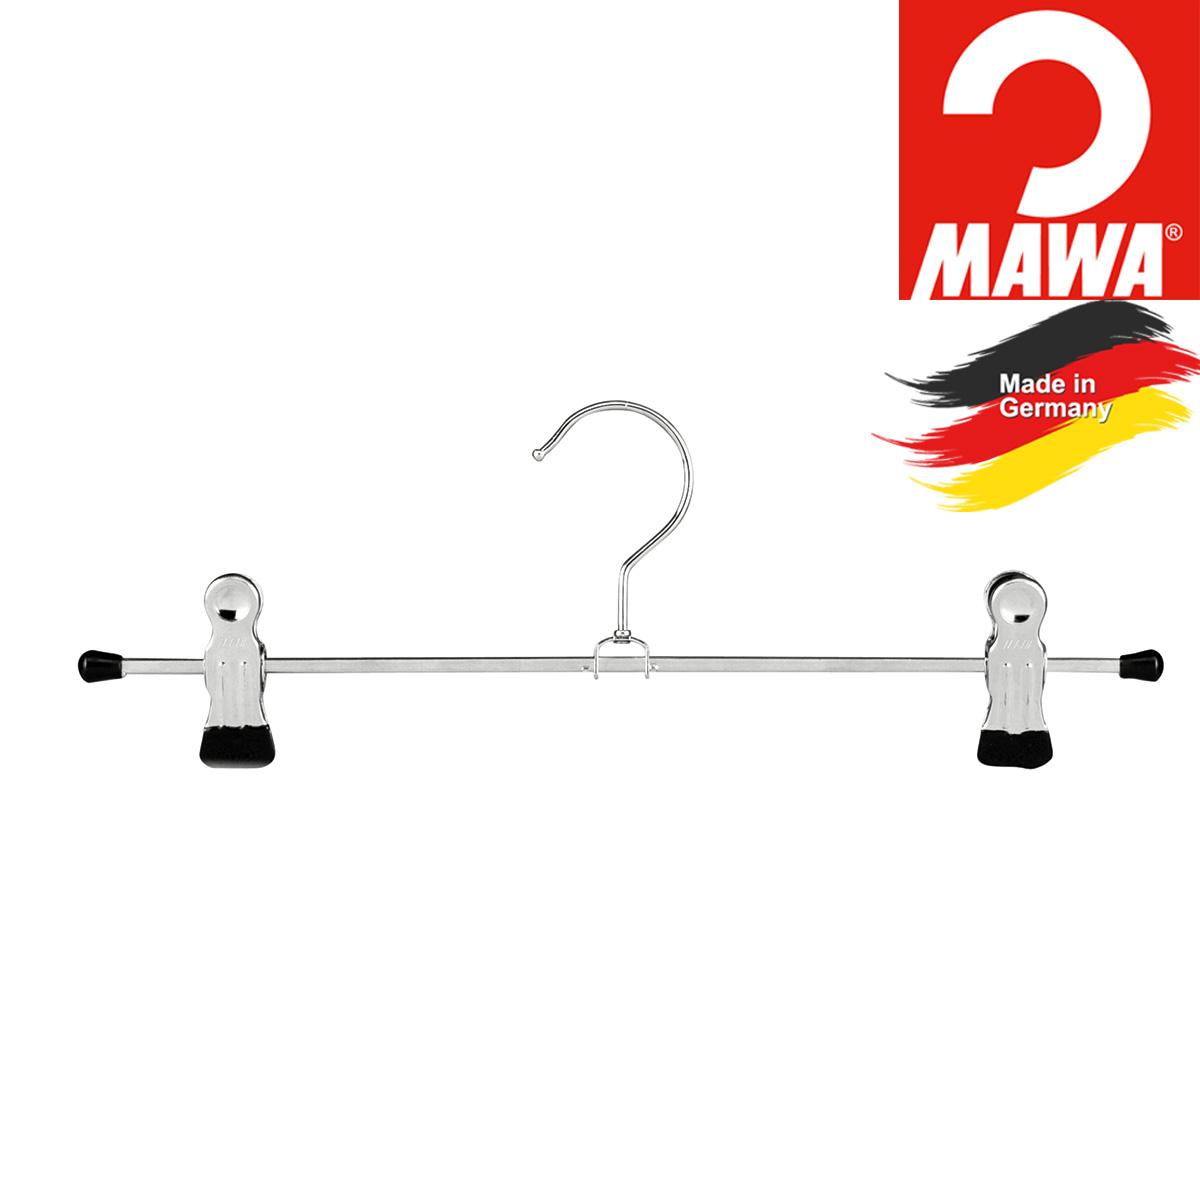 MAWA Kleiderbügel für Hosen